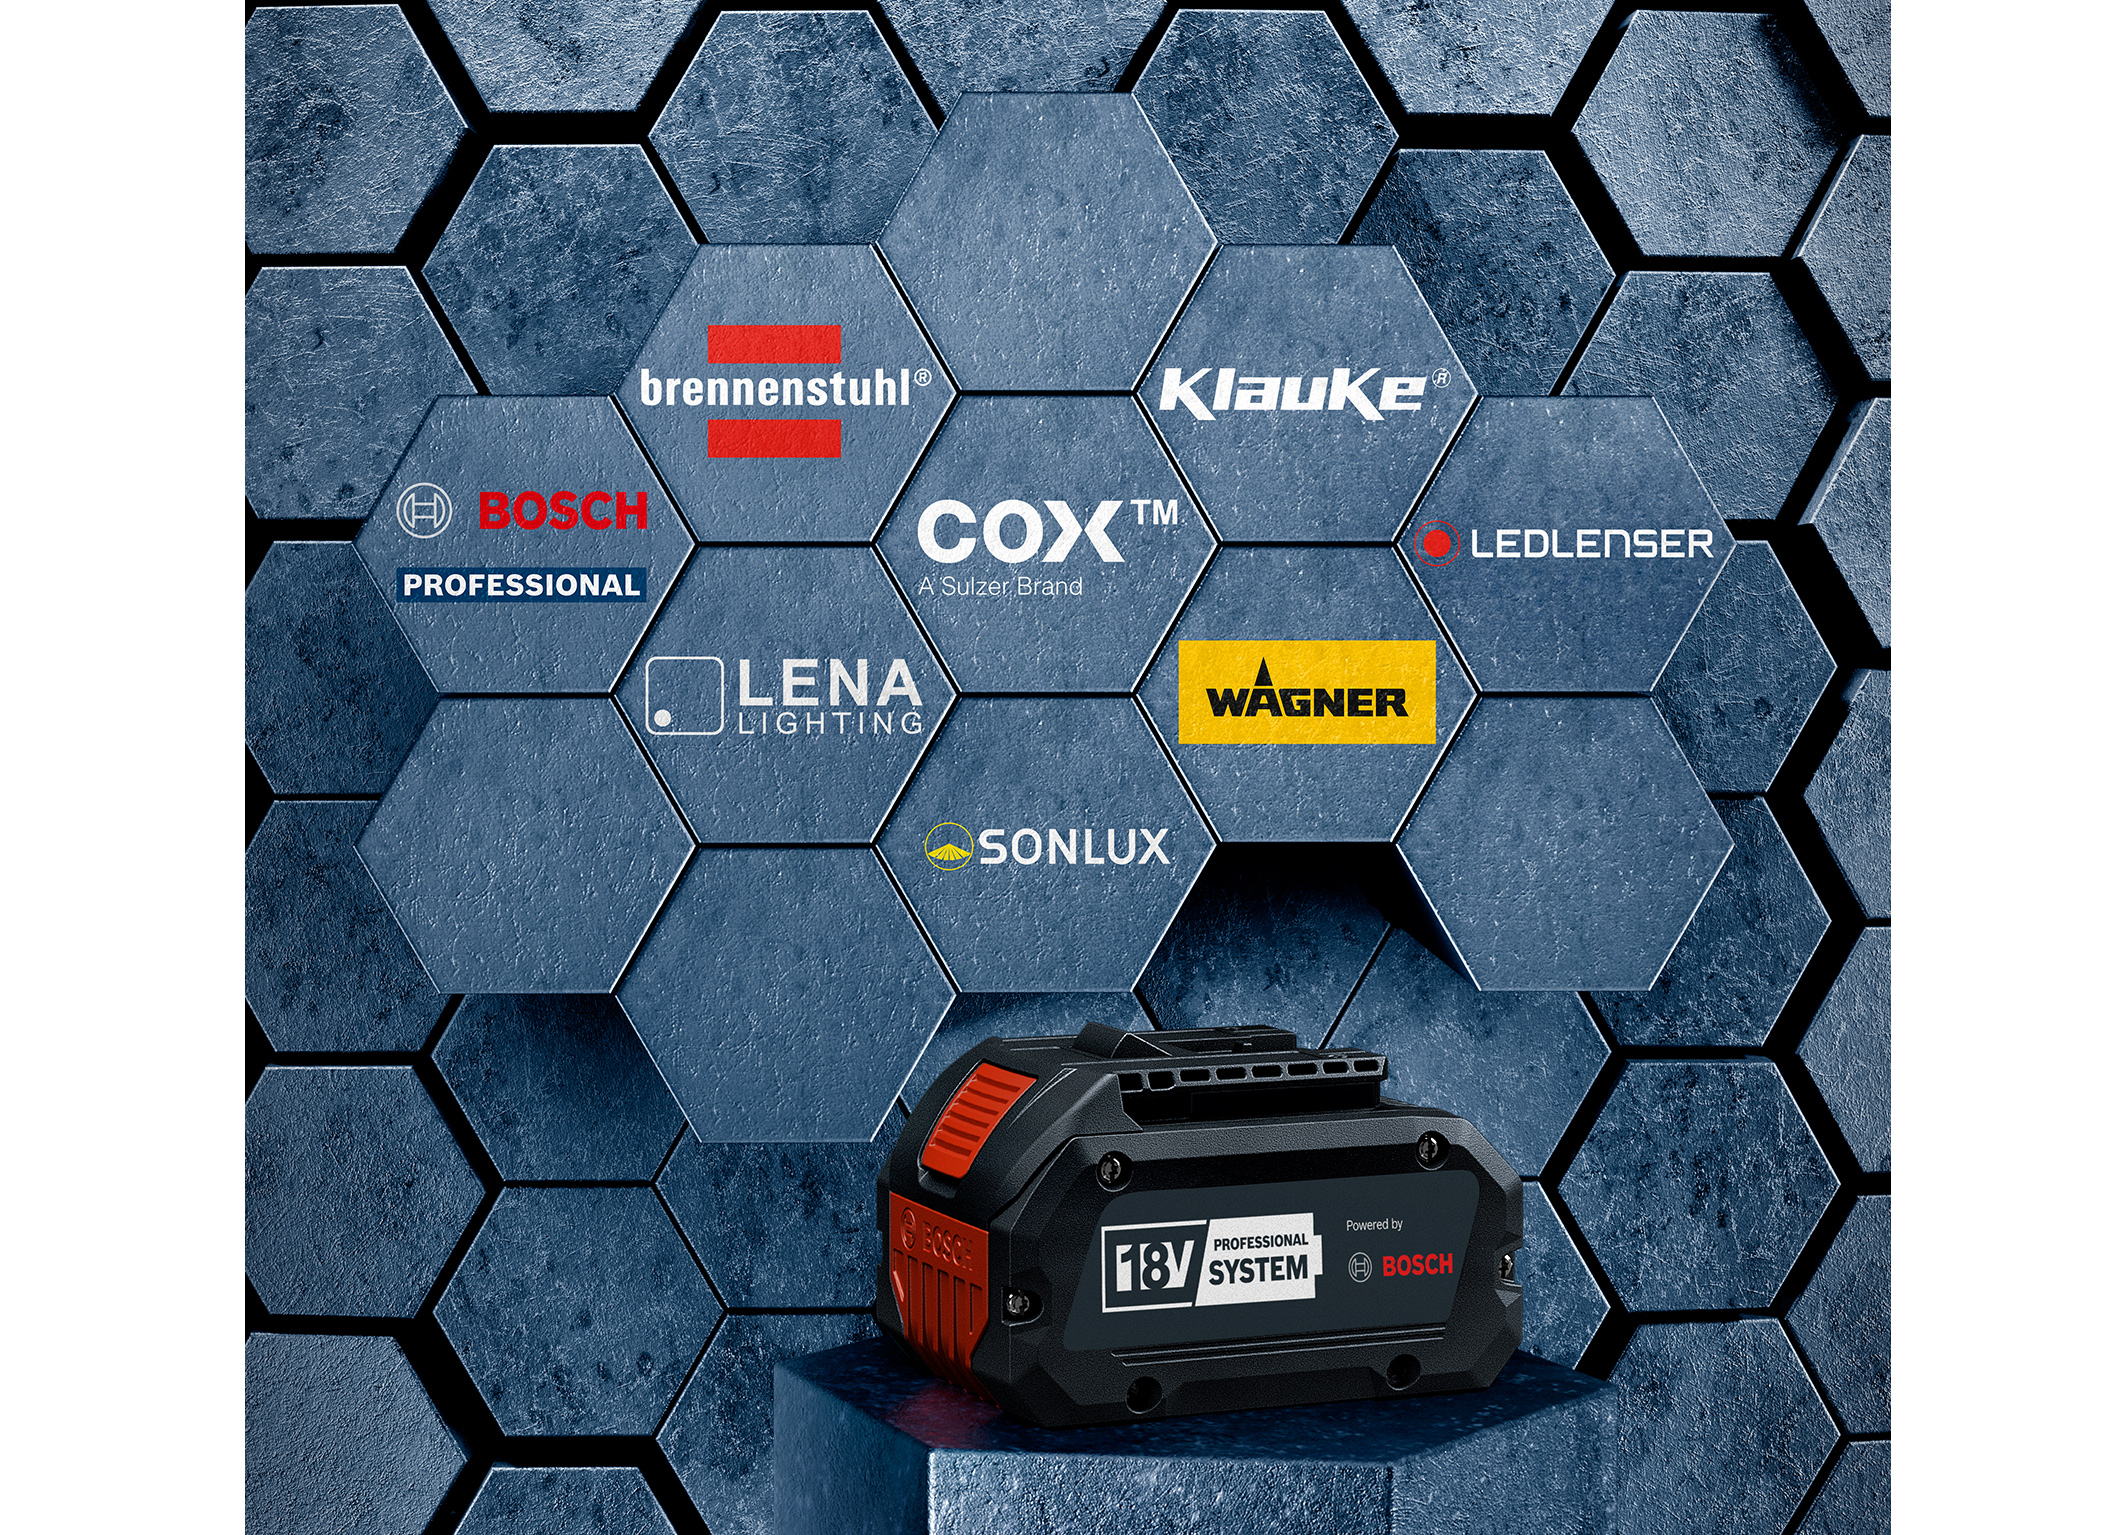 Maggiore efficienza per i professionisti: Bosch apre il sistema Professional 18V a brand specializzati